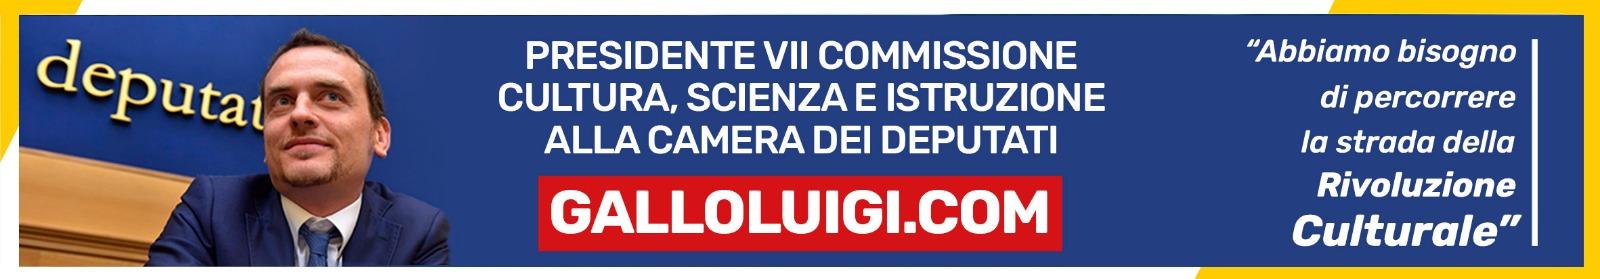 Gallo Luigi PRESIDENTE della VII COMMISSIONE (CULTURA, SCIENZA E ISTRUZIONE)